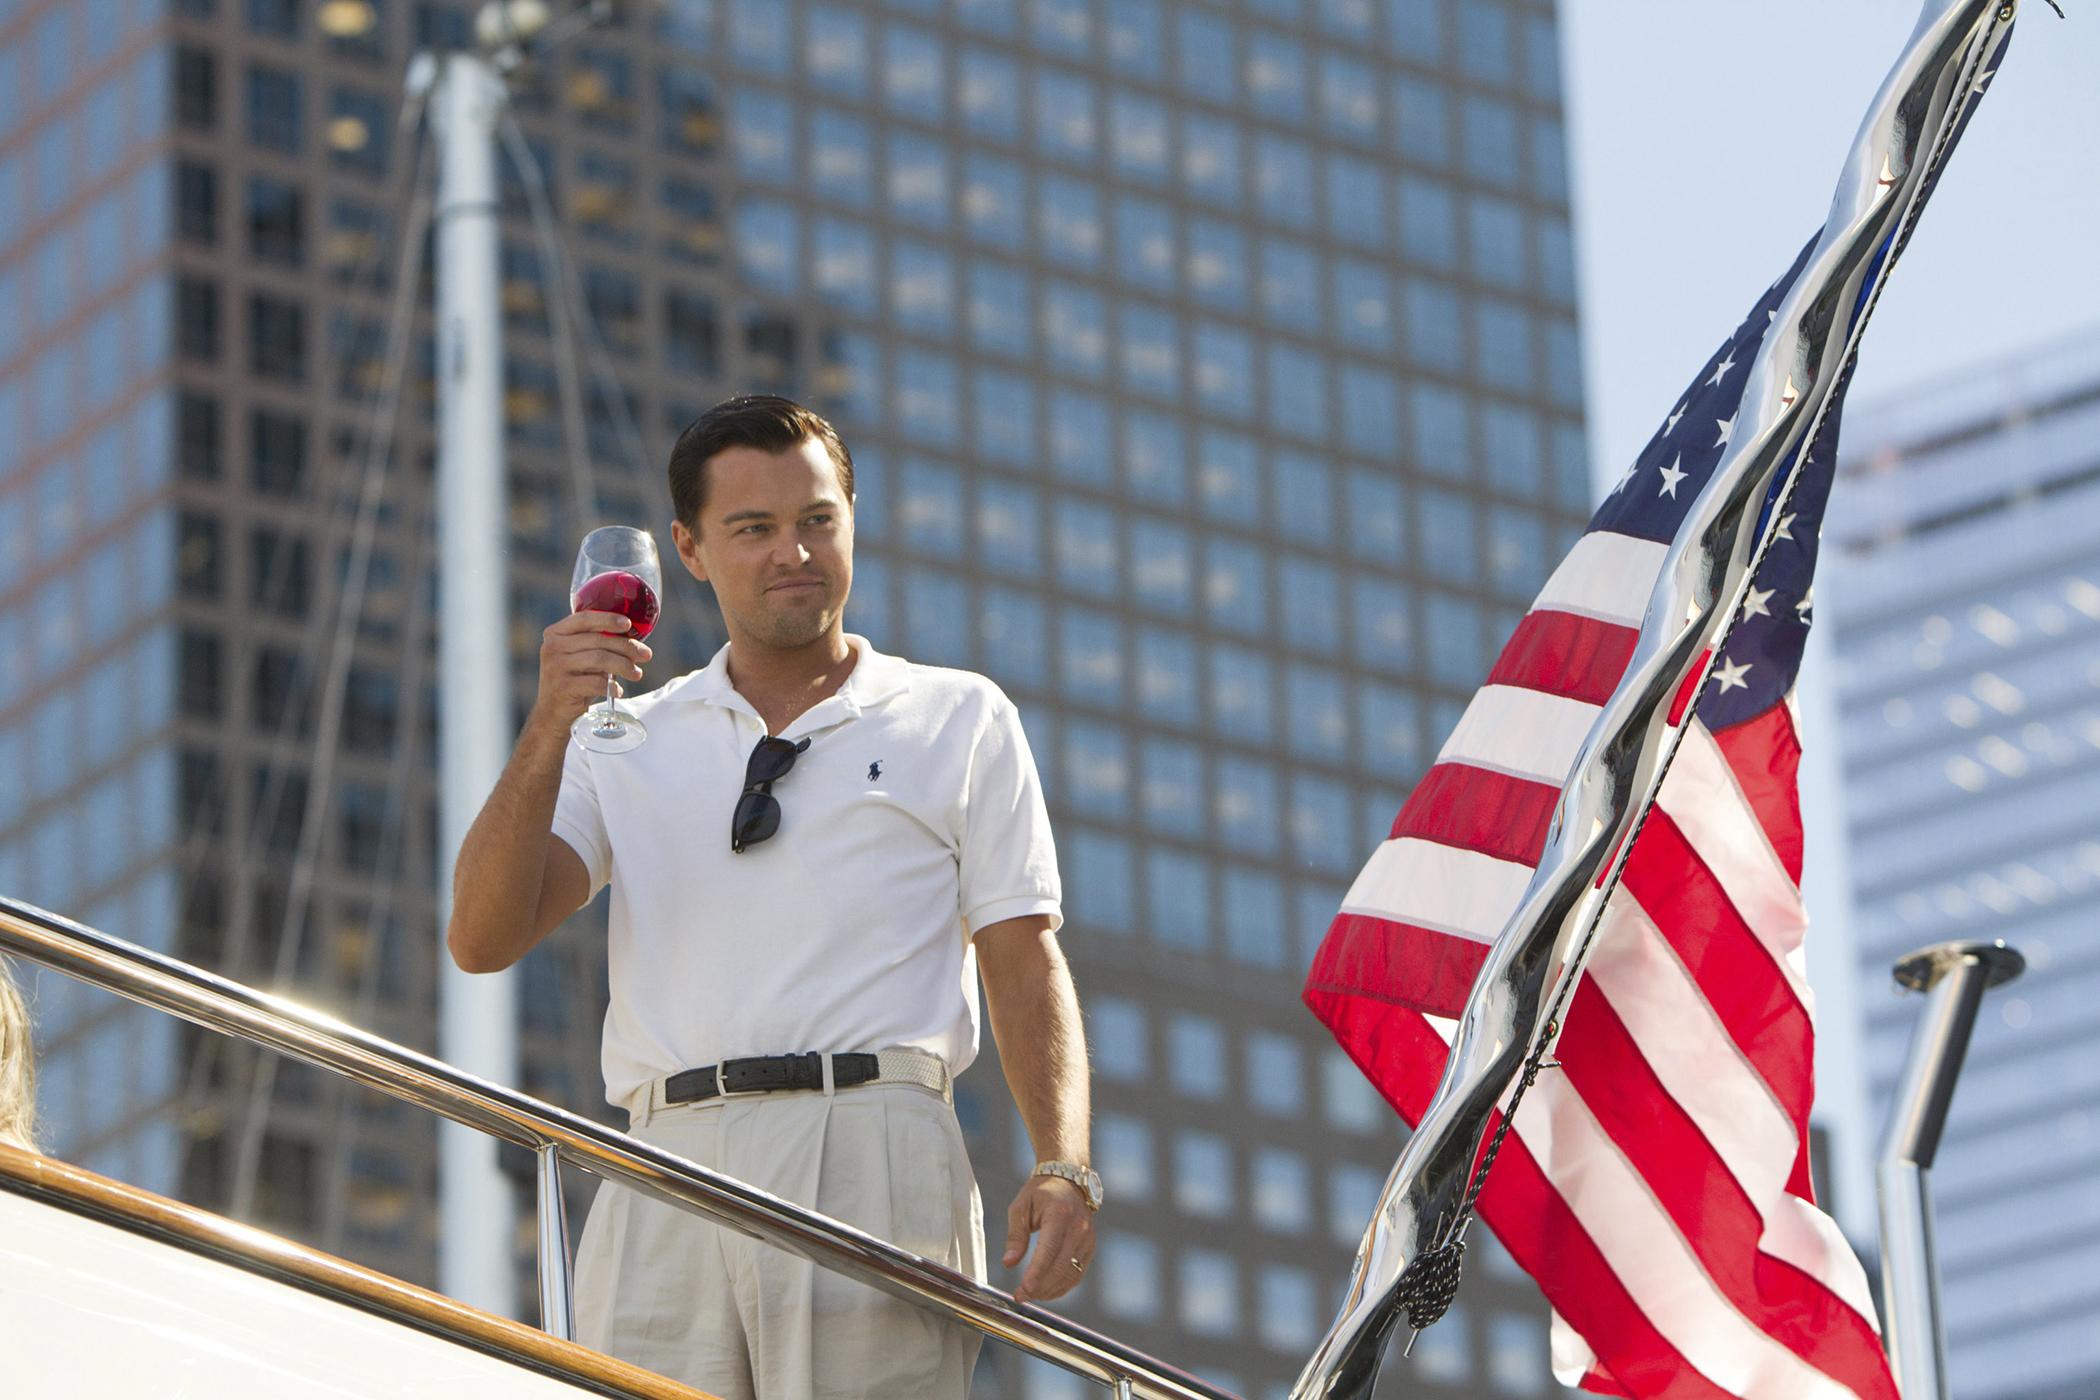 Leonardo DiCaprio plays Jordan Belfort in THE WOLF OF WALL STREET.